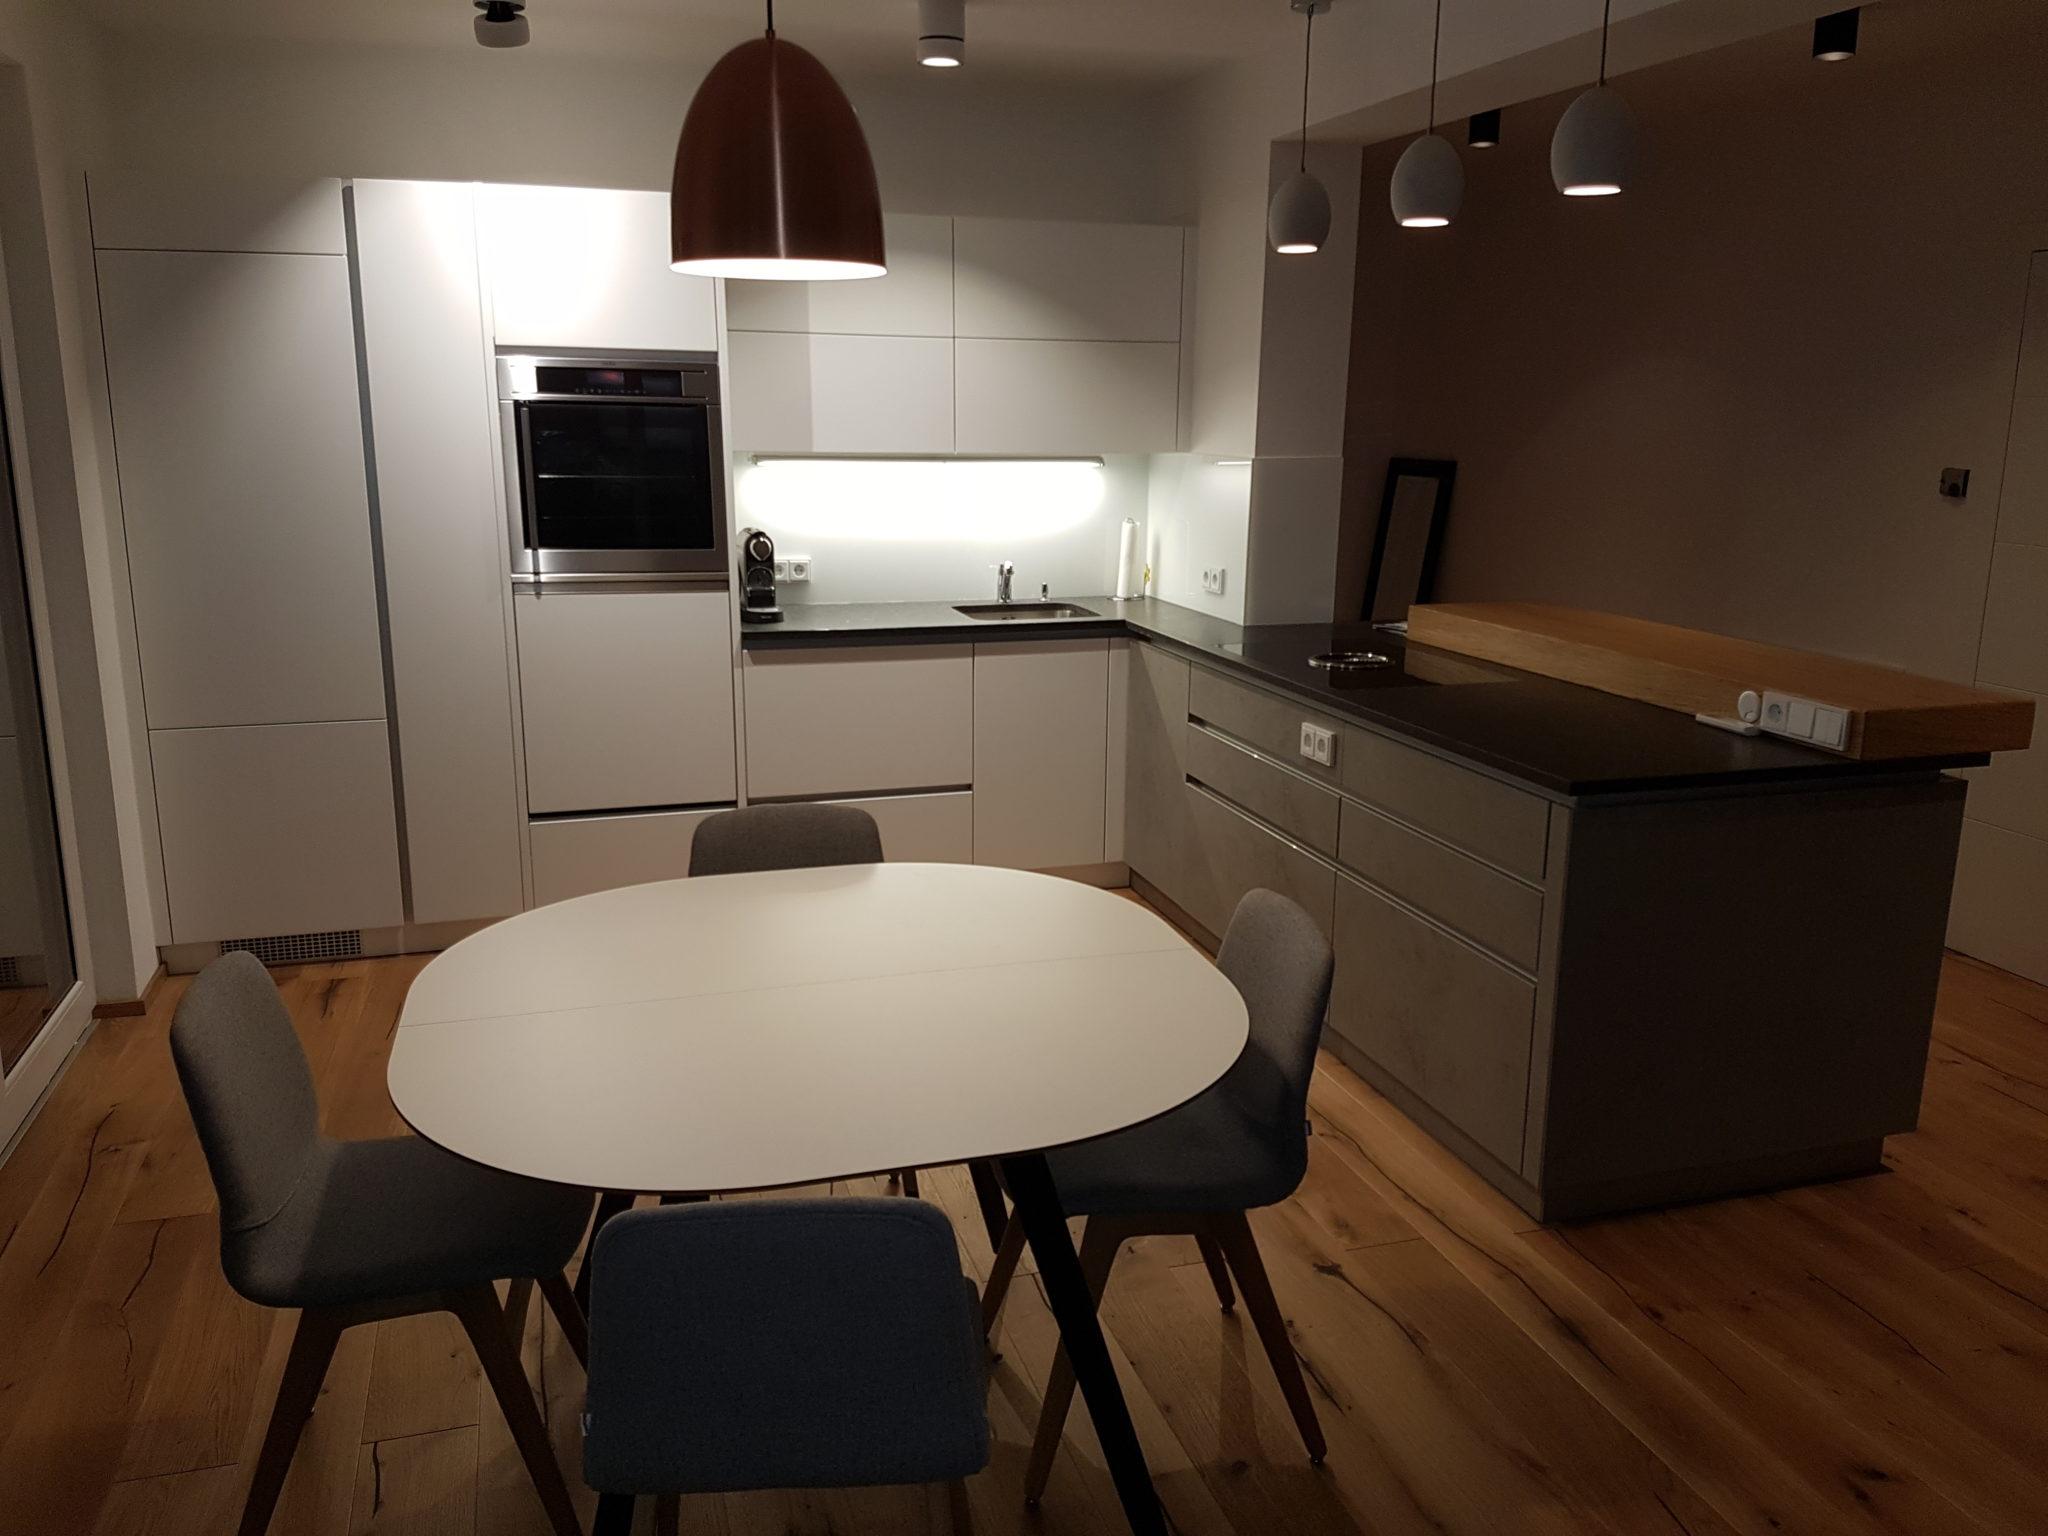 Tischlerei Gassner Zimmer Gesäuse Küchen nationalpark Gesäuse